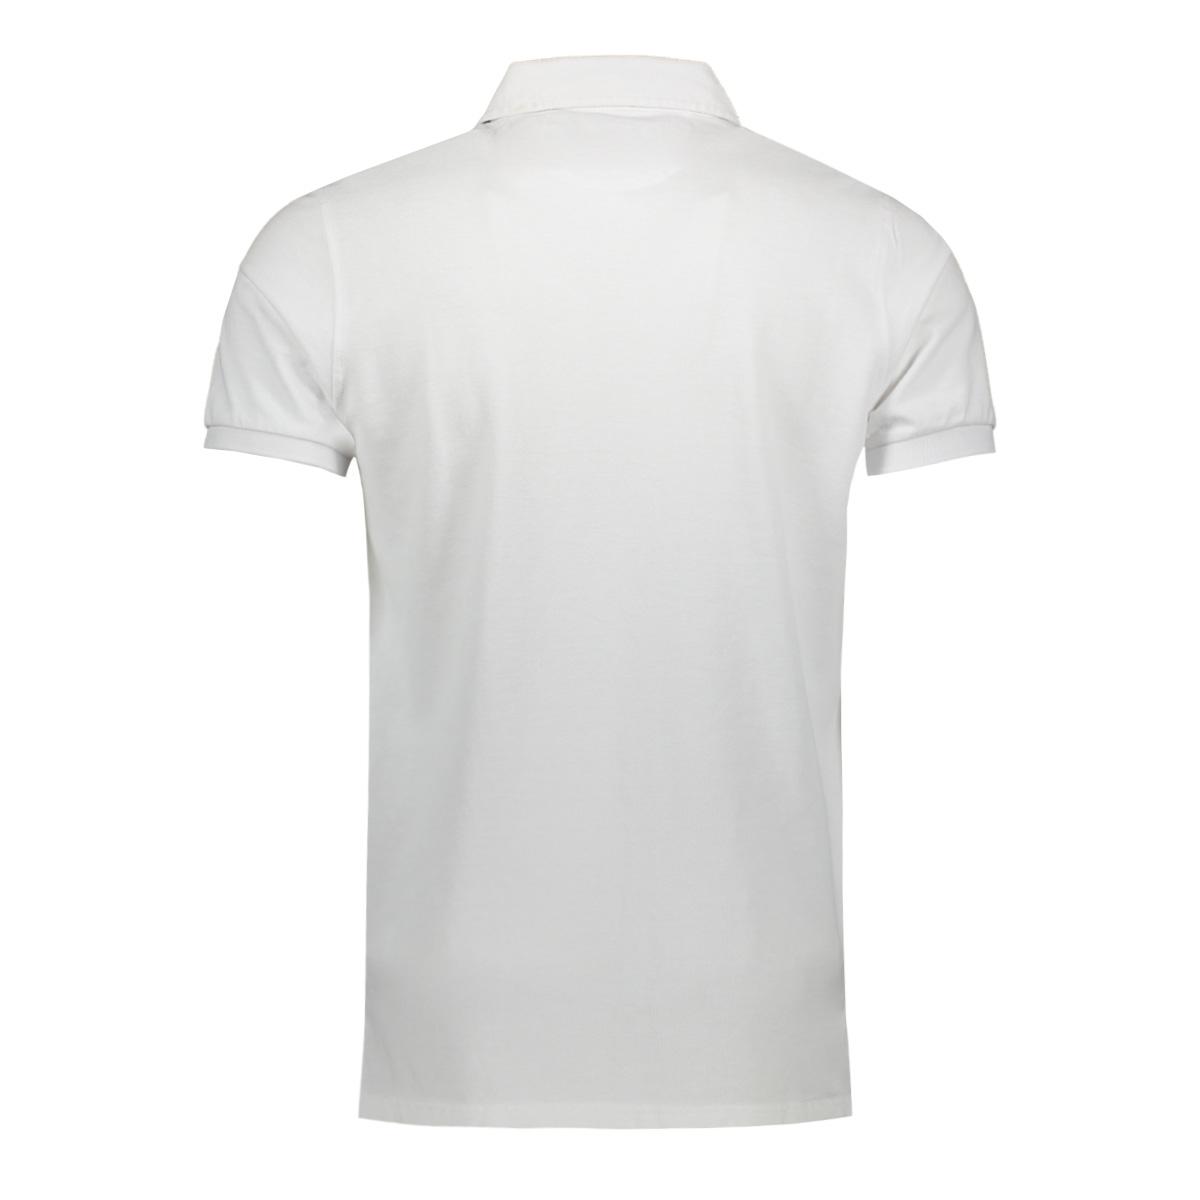 waiapu 20cn150 nza polo 10 white